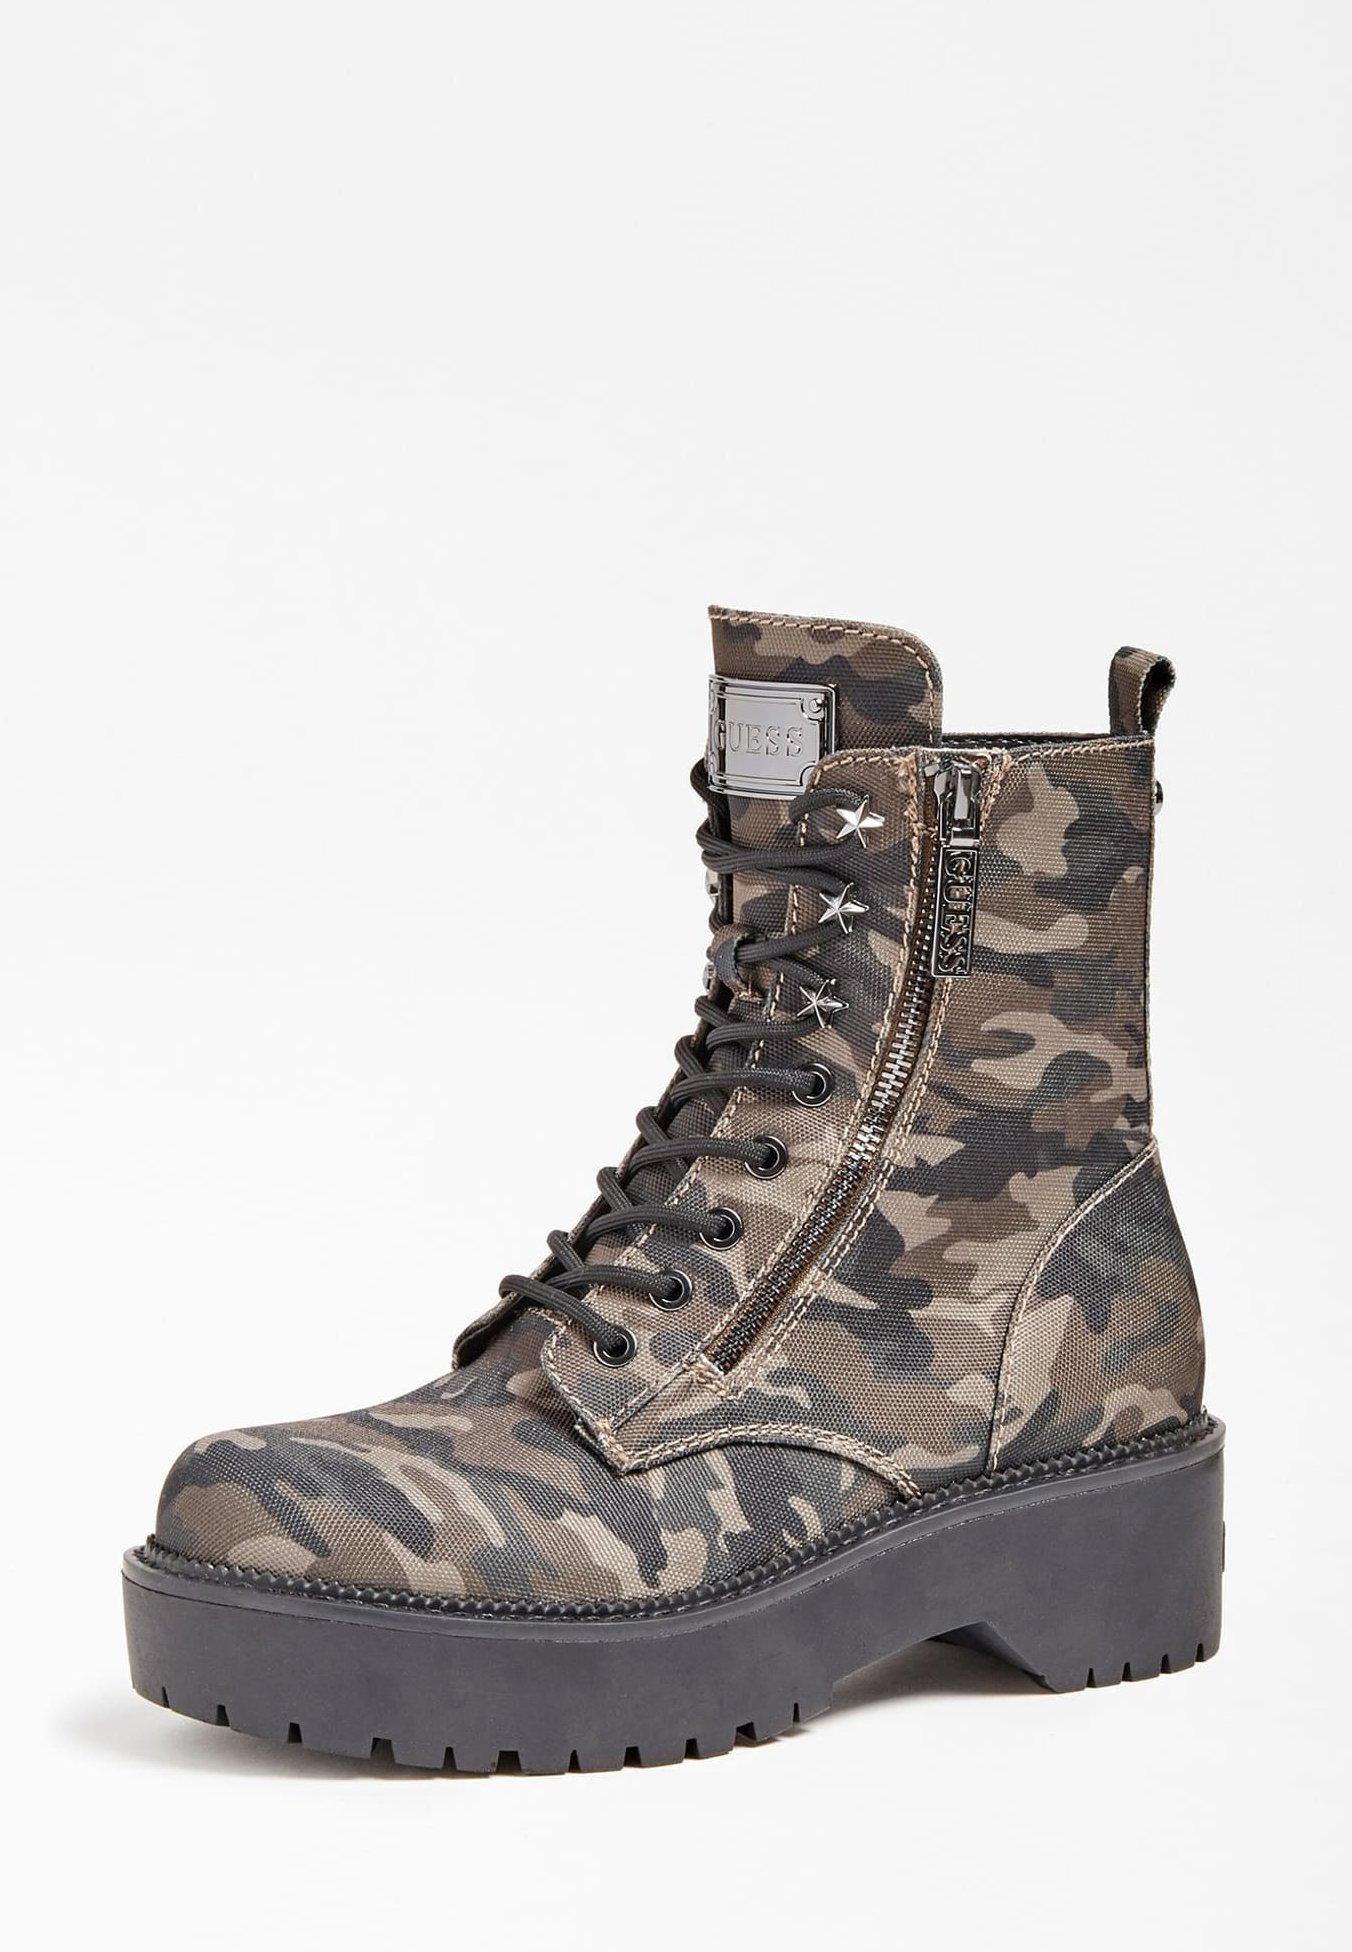 Guess Schnürstiefelette camouflage/mehrfarbig